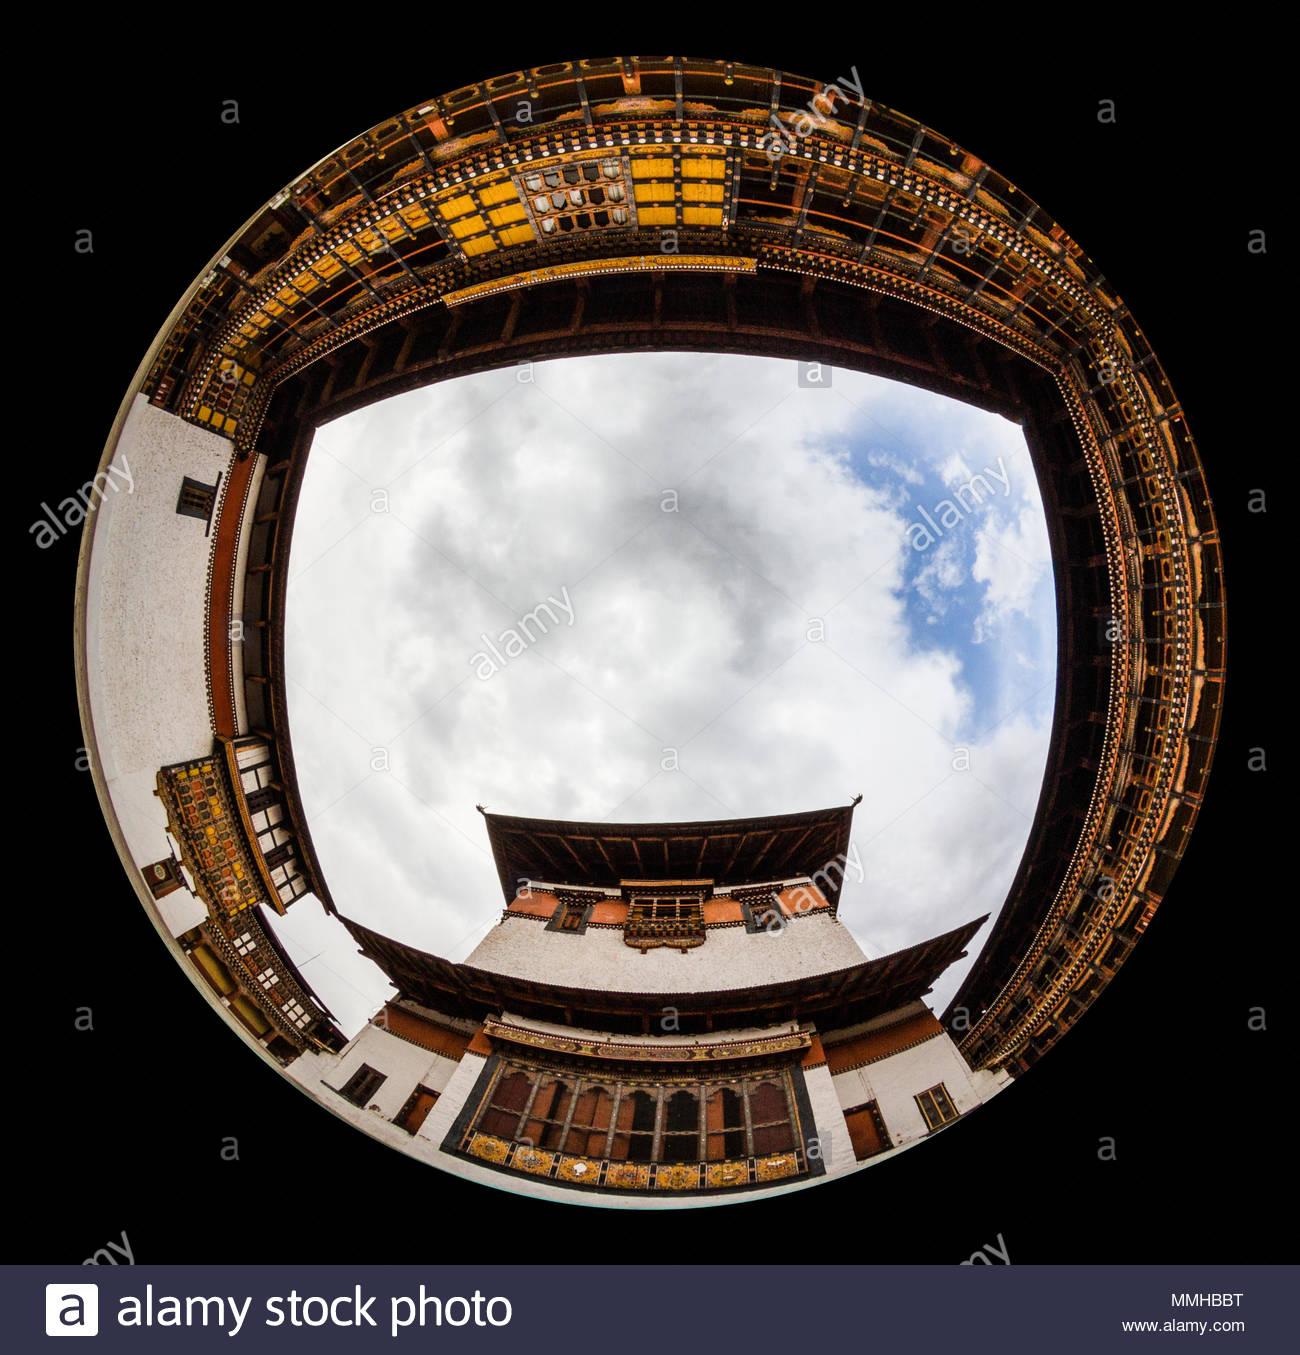 Obiettivo Fisheye fotografia si presta naturalmente ad aree ristrette con soggetti tutti intorno a. In questo caso, l'immagine viene prelevata alla ricerca fino al tempio all'interno del Rinpung Dzong in Paro, Bhutan. Dzongs erano una volta le fortezze che ospitava i righelli locali prima di Bhutan divenne un paese unito. Oggi essi sono tipicamente usati per entrambi il governo regionale di attività e da monaci buddisti come un monastero. Come il buddismo è la religione ufficiale del Bhutan, la miscelazione dei due usi è piuttosto naturale. Immagini Stock